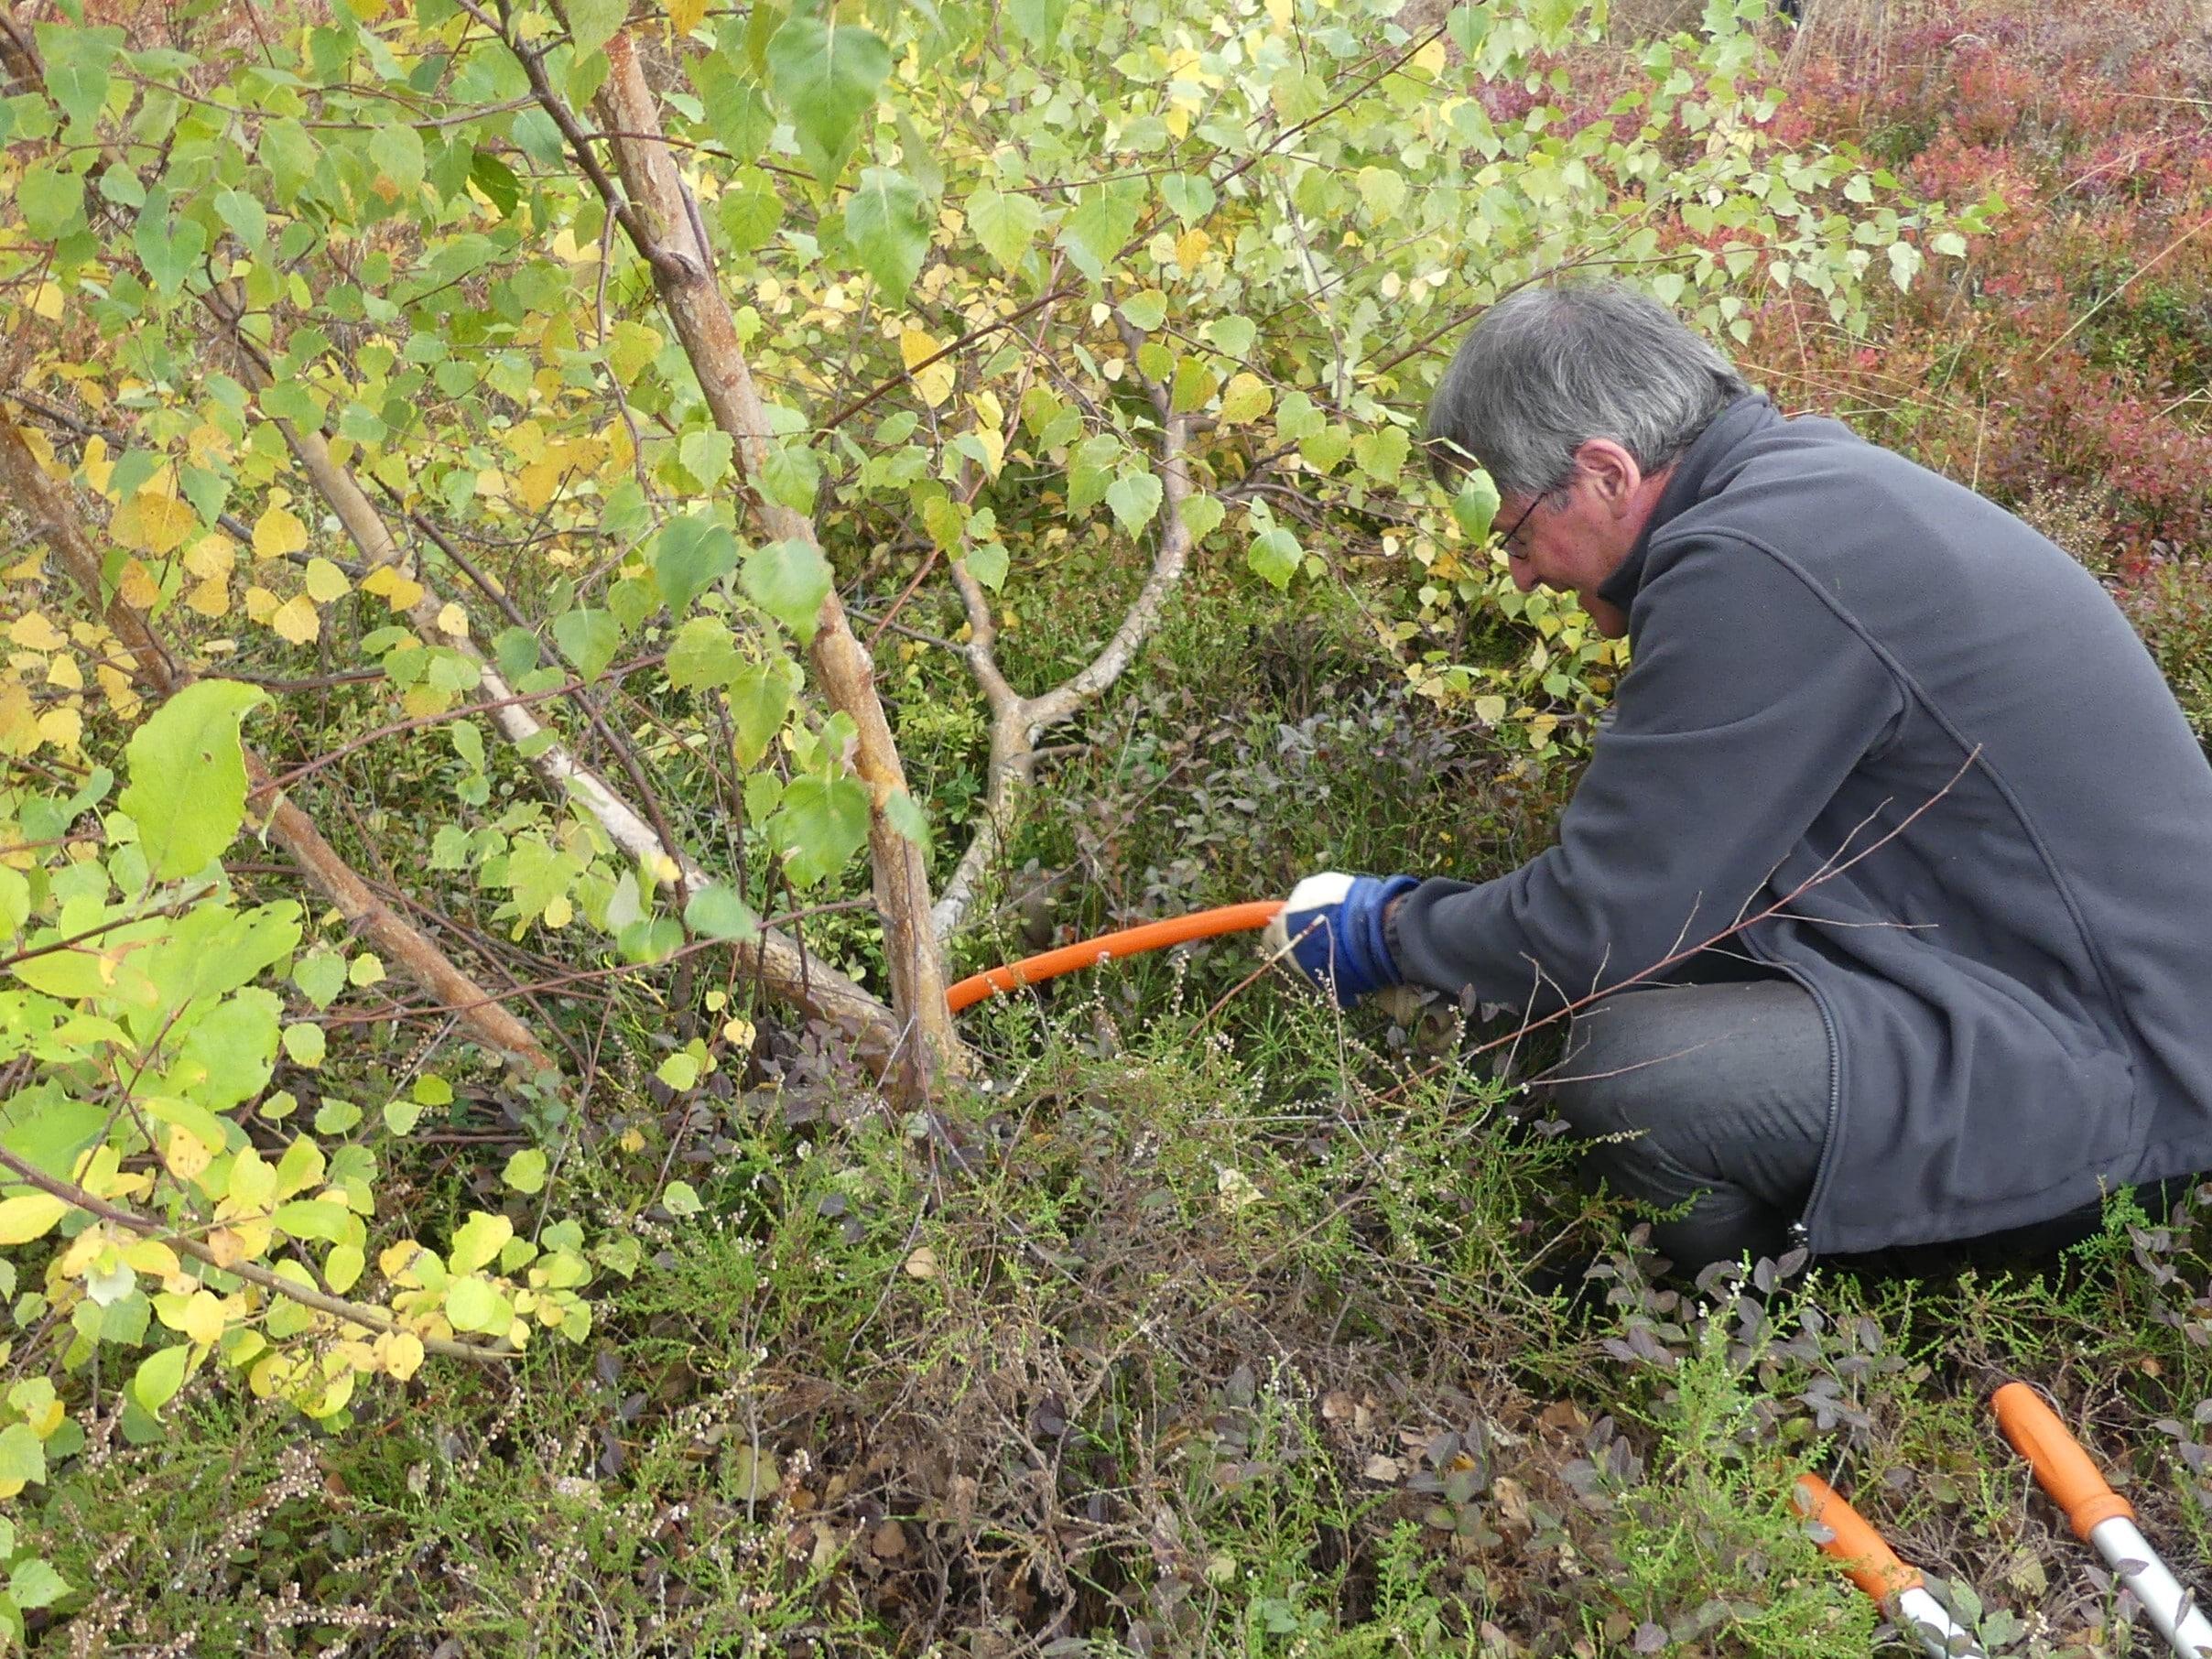 Gemeinsam anpacken für die Natur: Biosphärengebiet Schwarzwald und Gemeinde Fröhnd laden zum Landschaftspflegetag am 17. Oktober ein